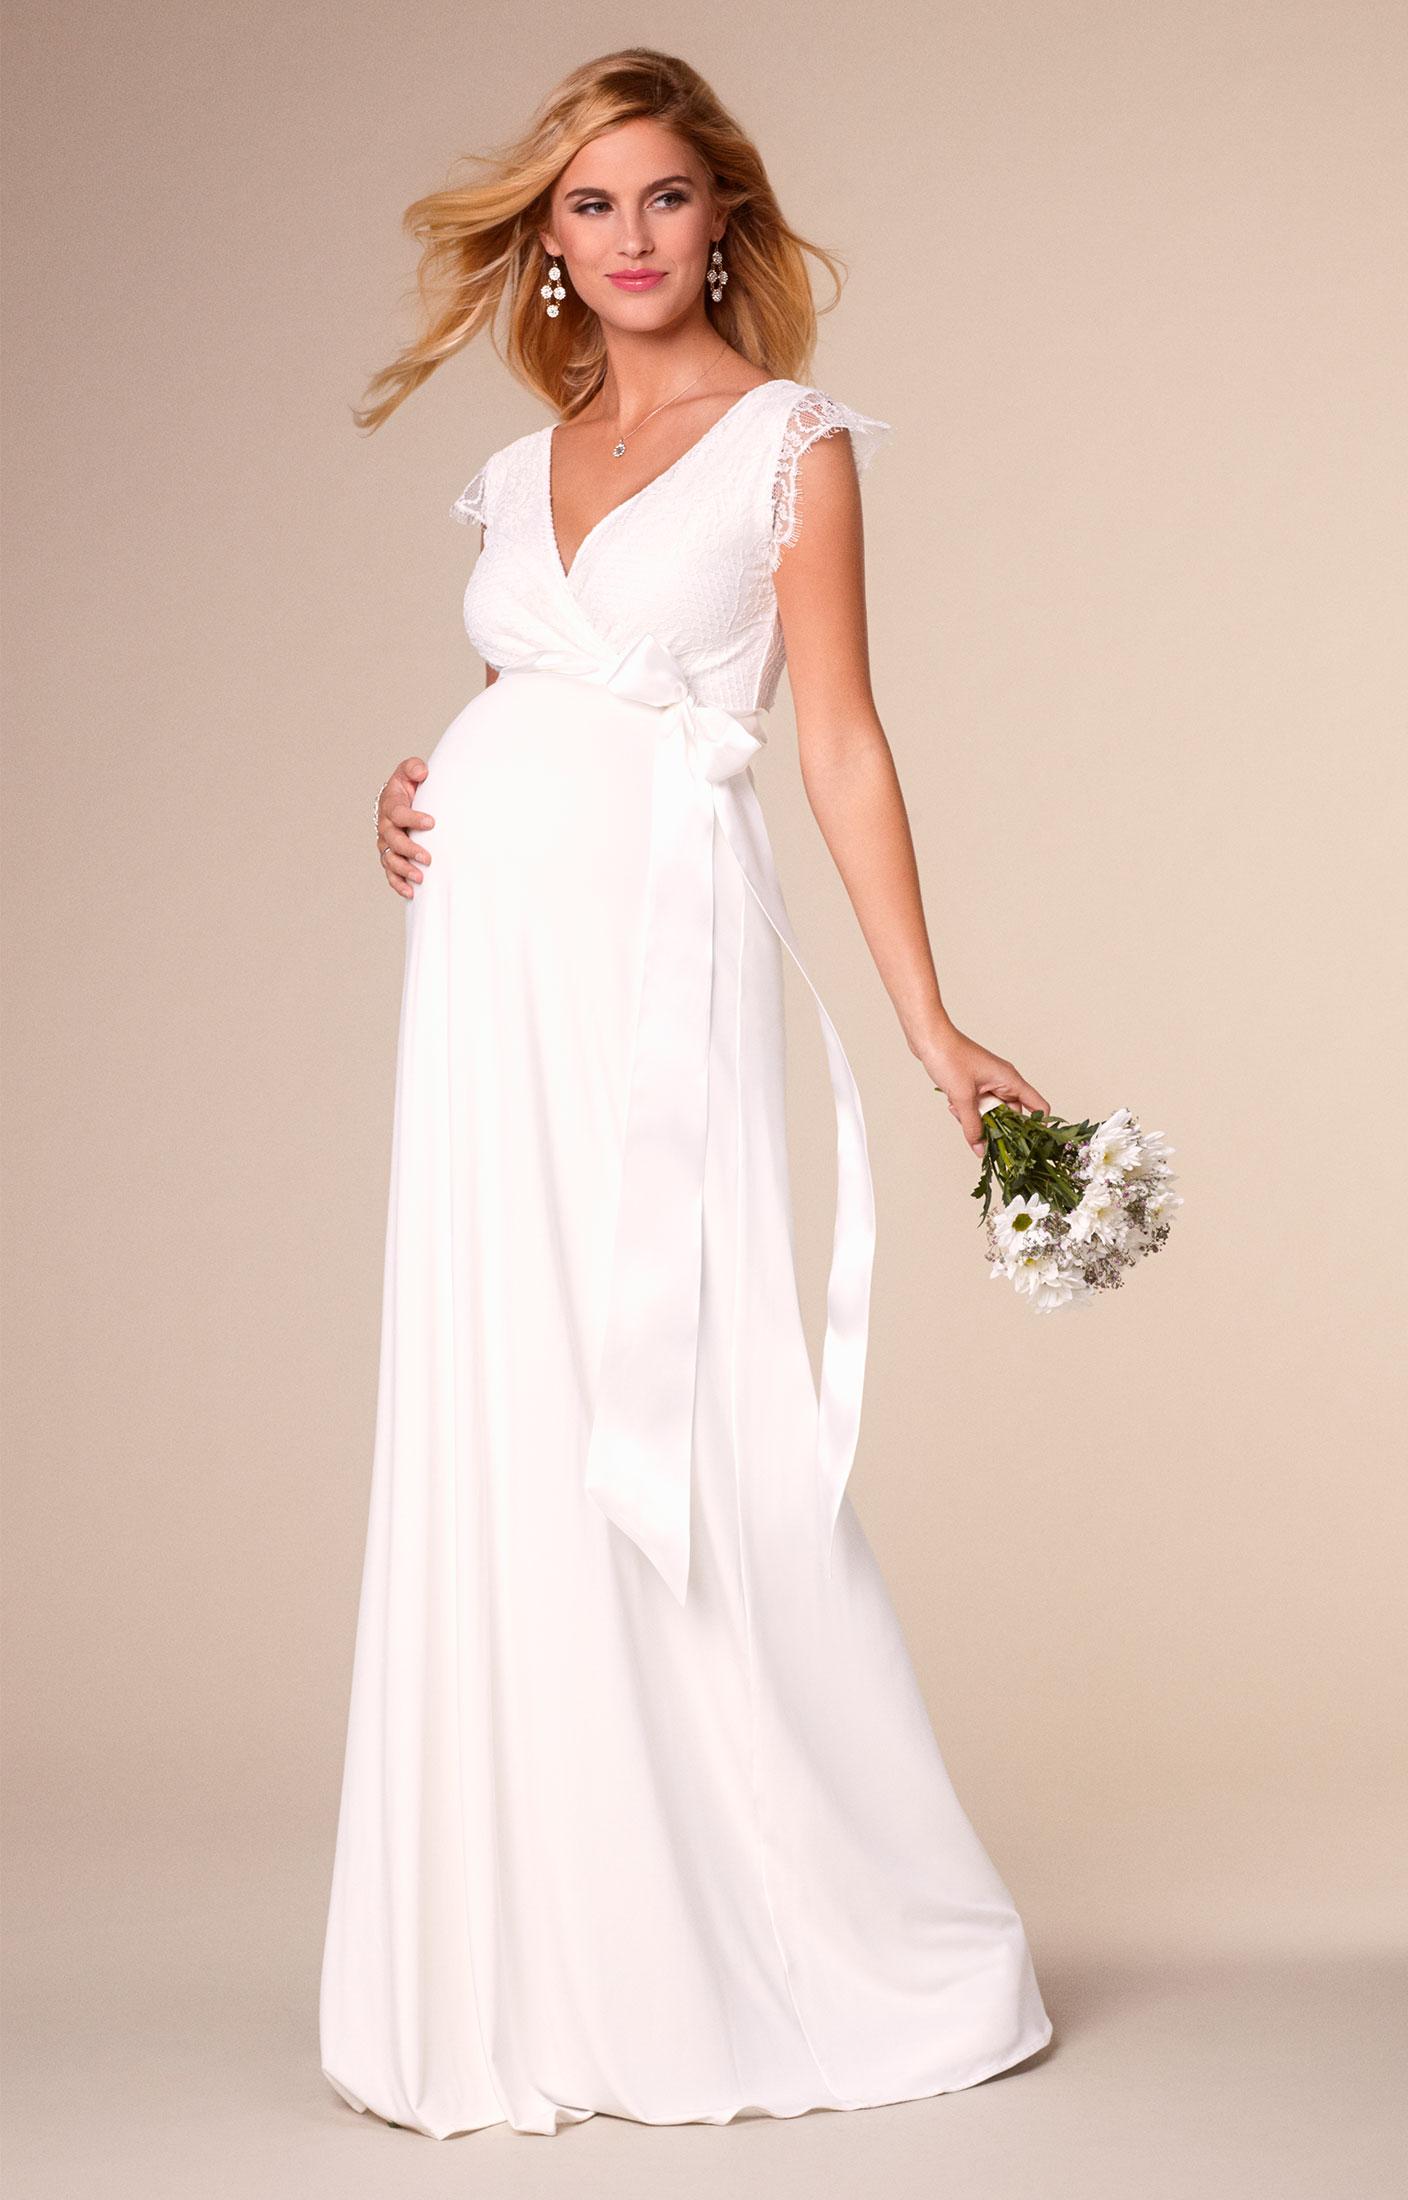 Robe de Mariée Grossesse Longue Ivoire , Robes de maternité de mariée,  tenues de maternité de soirée et vêtements pour soirée de Tiffany Rose. FR